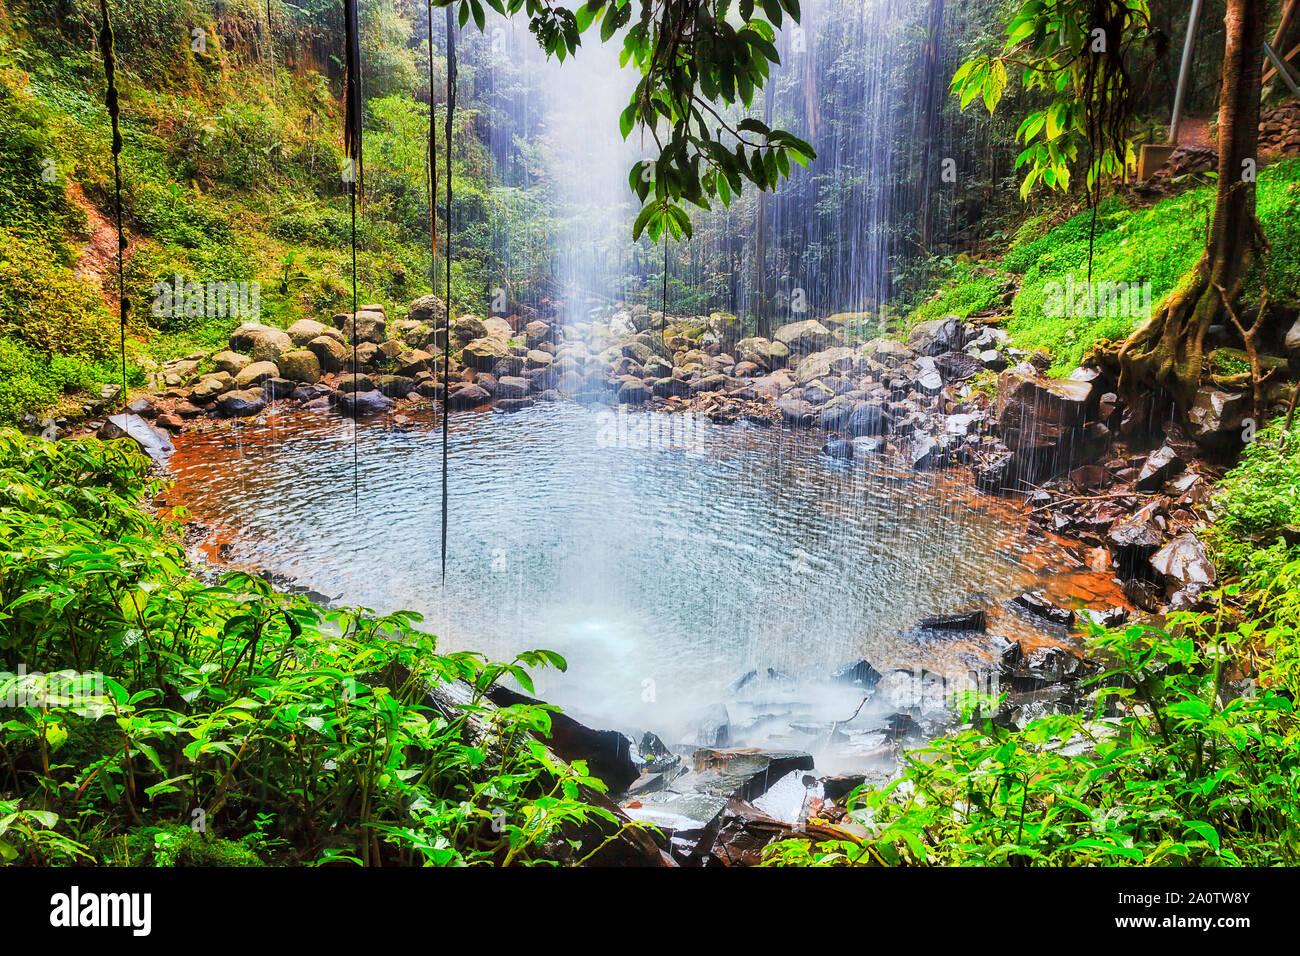 L'intérieur - Crystal Chute de Dorrigo National park de l'Australie - l'ancienne forêt tropicale, partie de continent Gondwana. Flux de l'eau tomber à r Banque D'Images